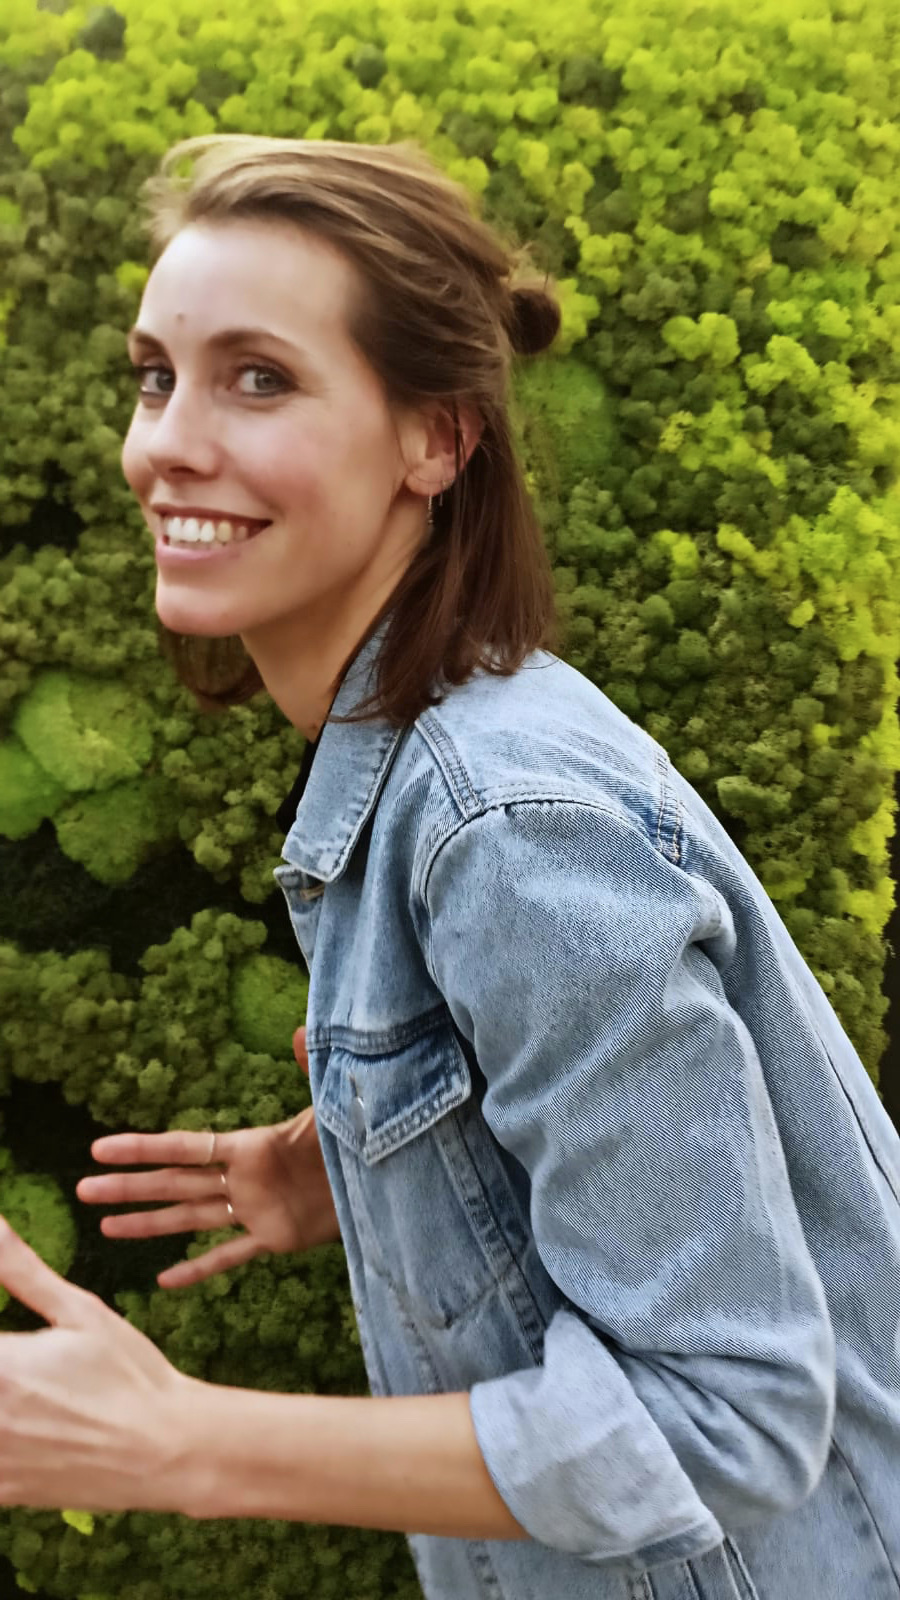 Mireille   biomimicry architect - Waar Mireille komt, veranderen gebouwen in groene gezonde oases. Als architect werkt ze vanuit de principes van biomimicry en biofilie, want de natuur is de beste basis voor elk gebouw of ontwerp. Als je Mireille hoort praten over architectuur verandert je blik met haar mee. Je snapt niet dat er nog zoveel grijs om ons heen is.Ze ontwierp de Greennest Gallery en werkt nu strak samen met Karima op groenconcepten tot complete kantoorinrichtingen. Mireille woont zelf temidden van het groen met een moestuin aan huis. Voor binnen houdt ze van een wat stoerdere plant met stevige bladeren zoals een Anthurium jungle king.